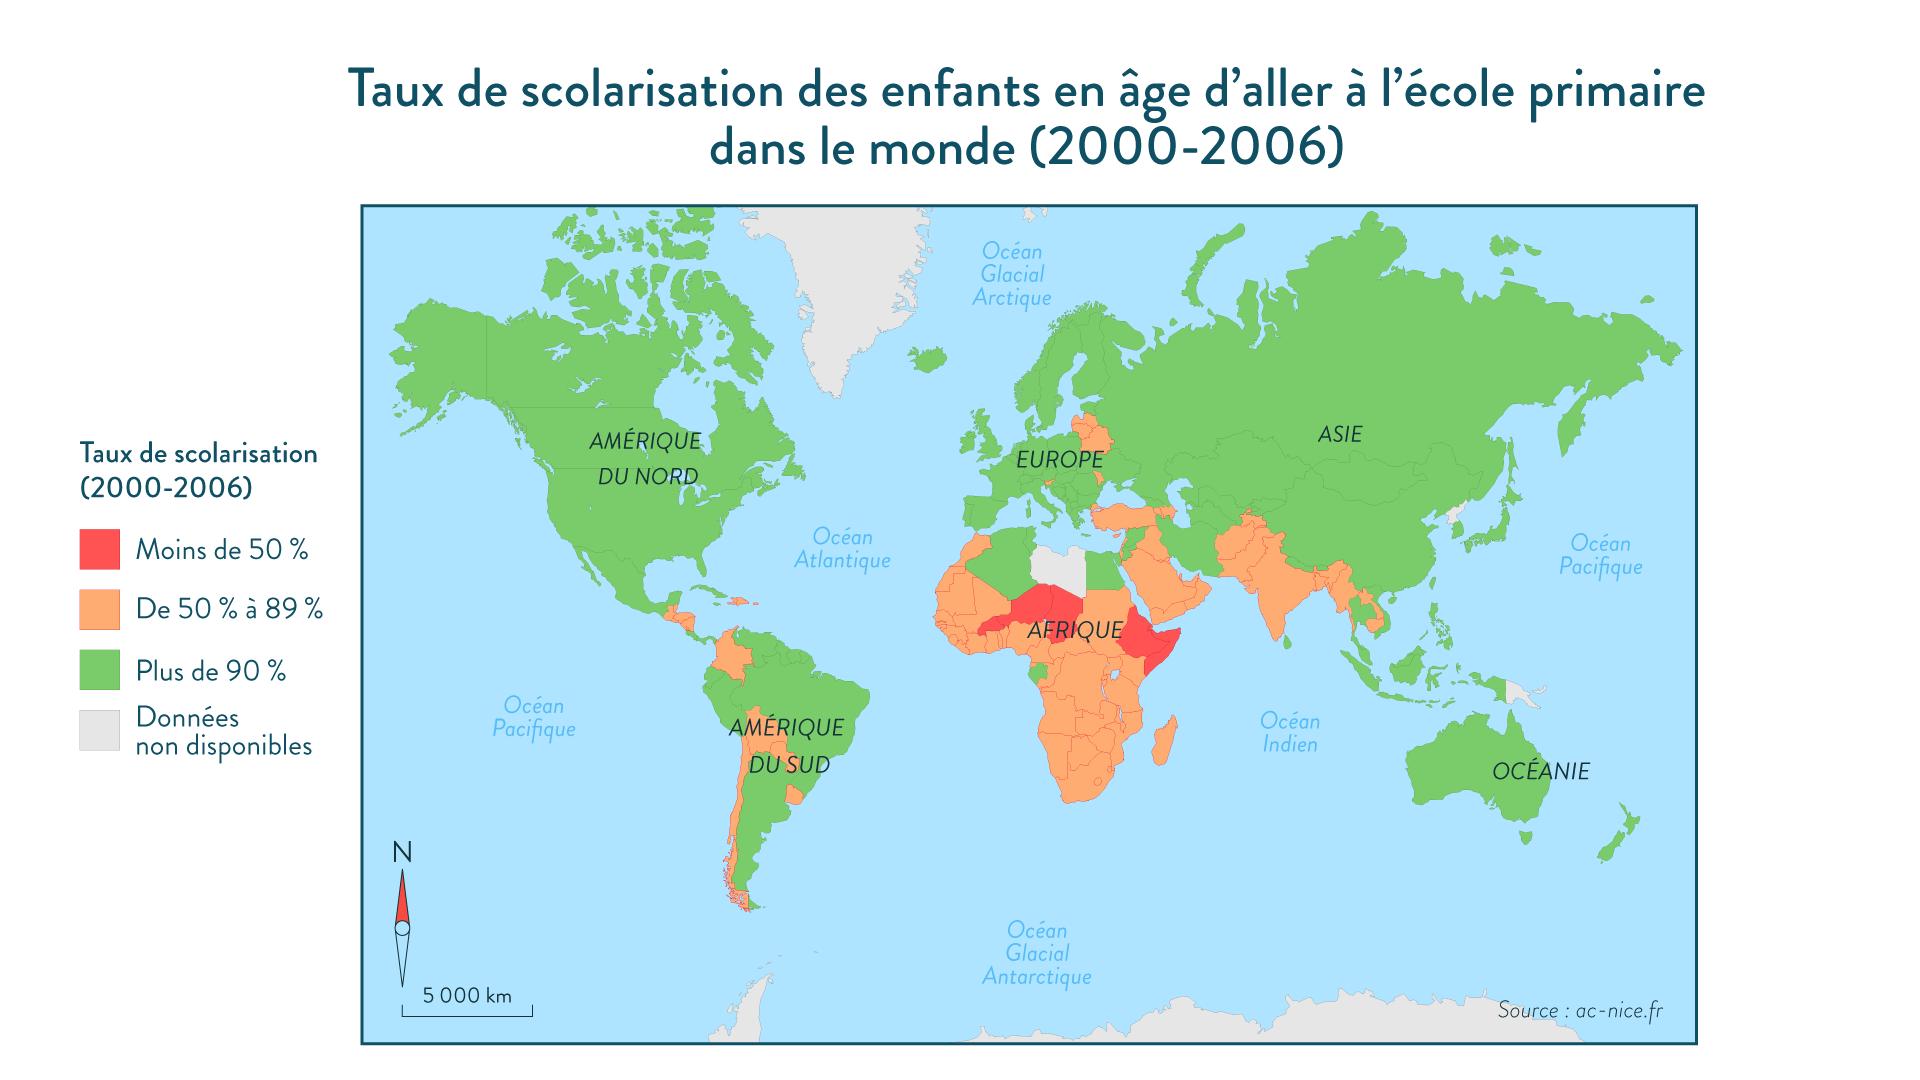 Taux de scolarisation des enfants en âge d'aller à l'école primaire dans le monde (2000-2006) géographie cinquième